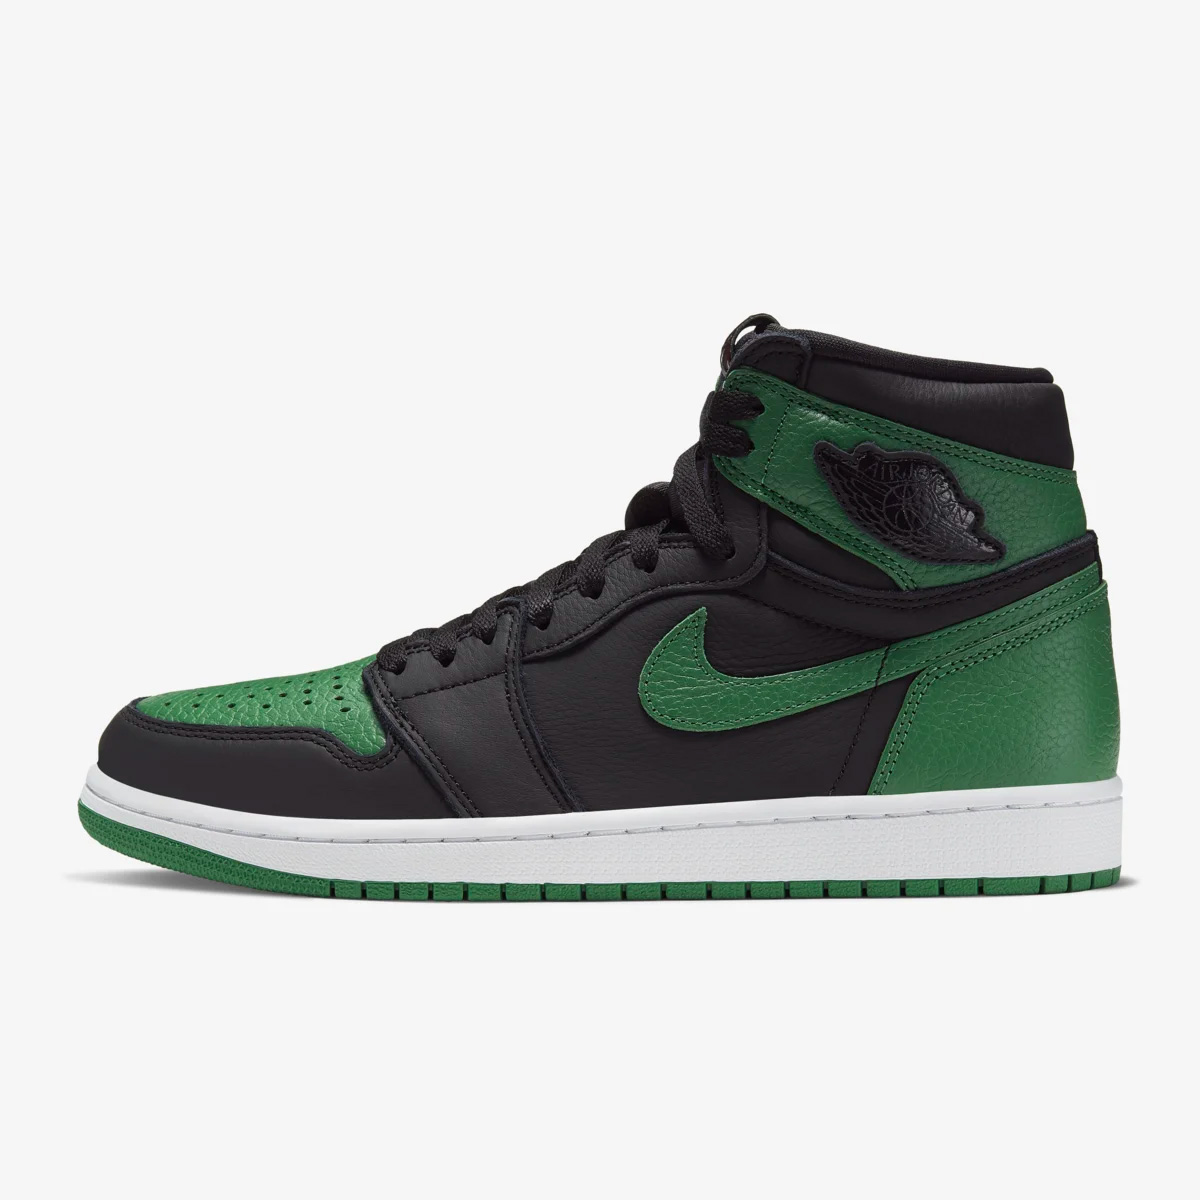 """Jordan 1 Retro High OG """"Black/Pine Green"""" official images  February 29th"""